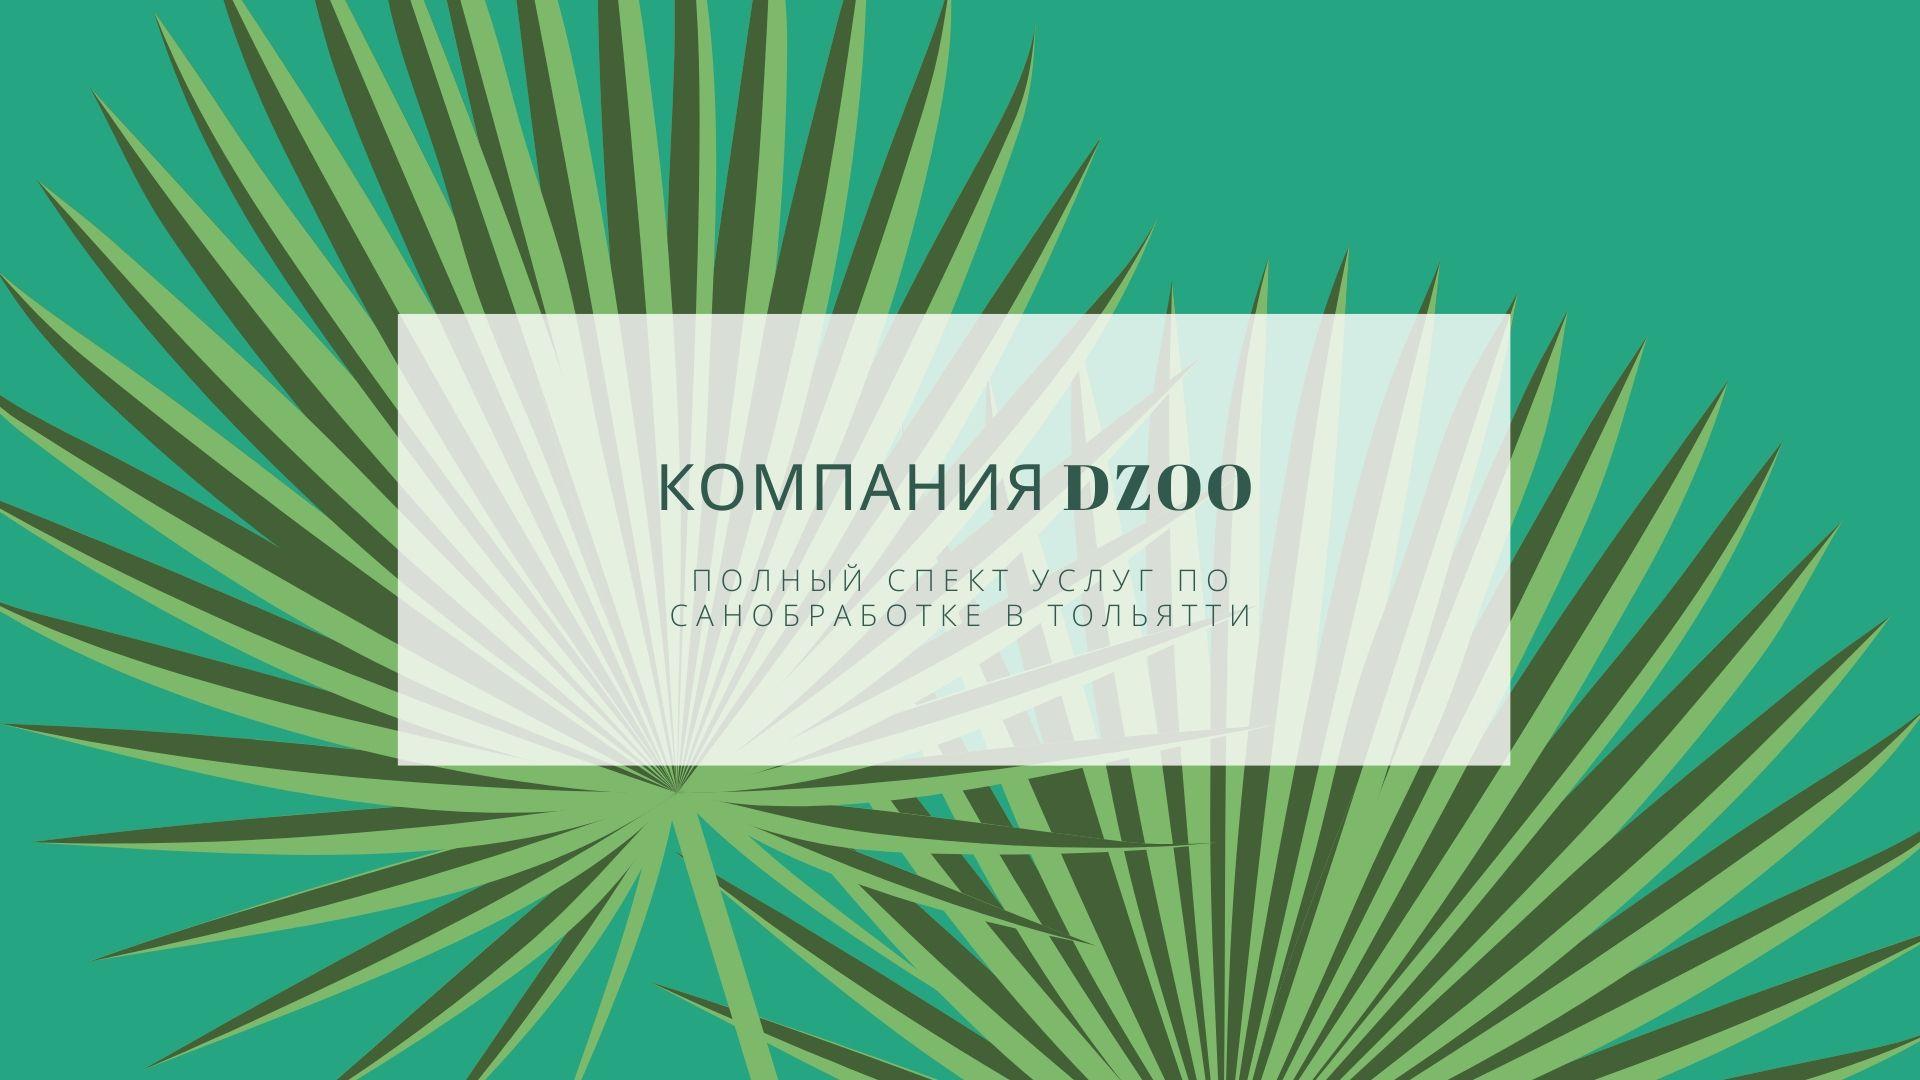 Компания DZOO